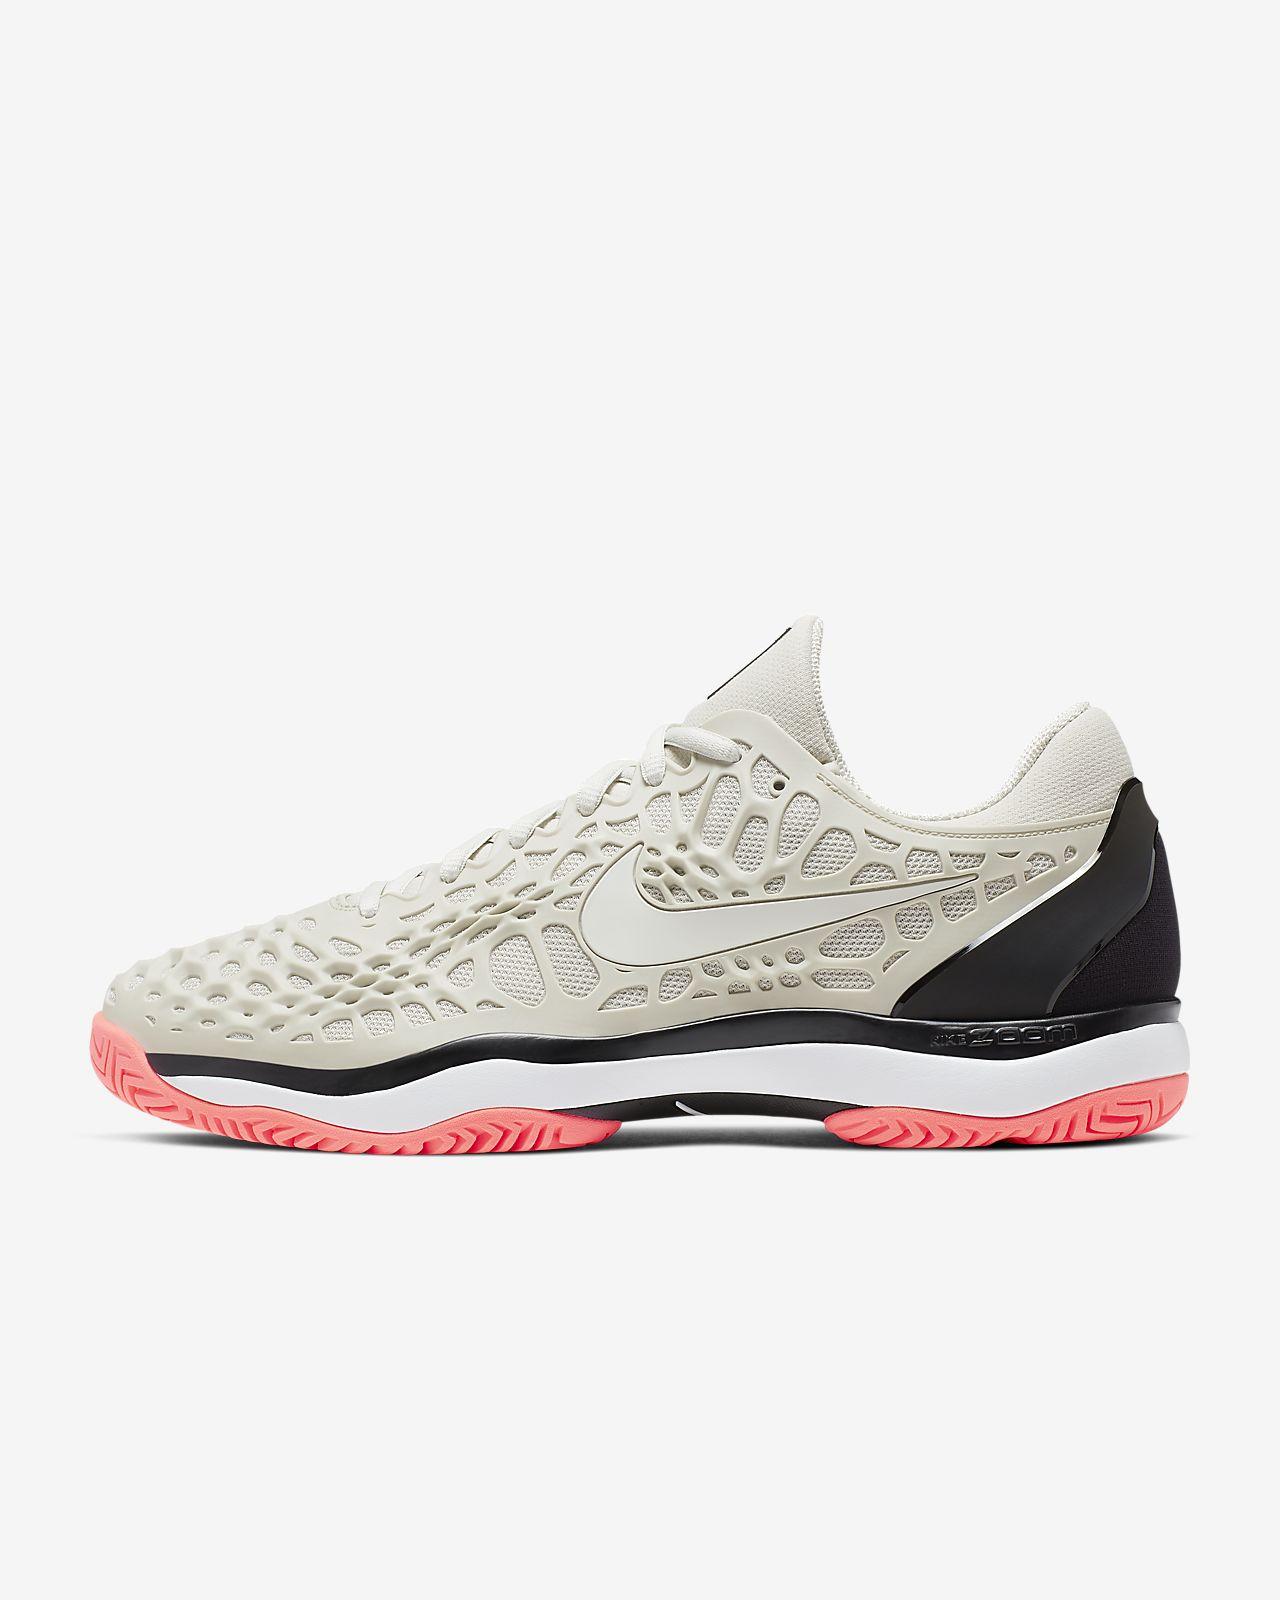 Nuevas Zapatillas Tenis Hombre Nike Zoom Cage 3 Al Por